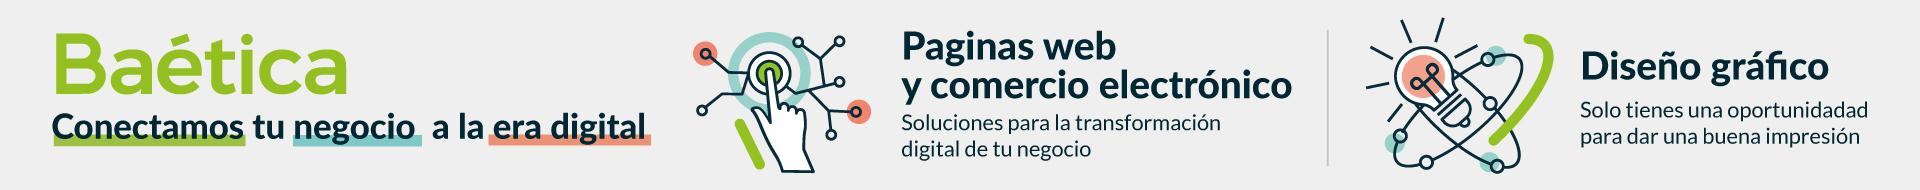 Banner de Baética (Desarrollo Web – Diseño Gráfico)